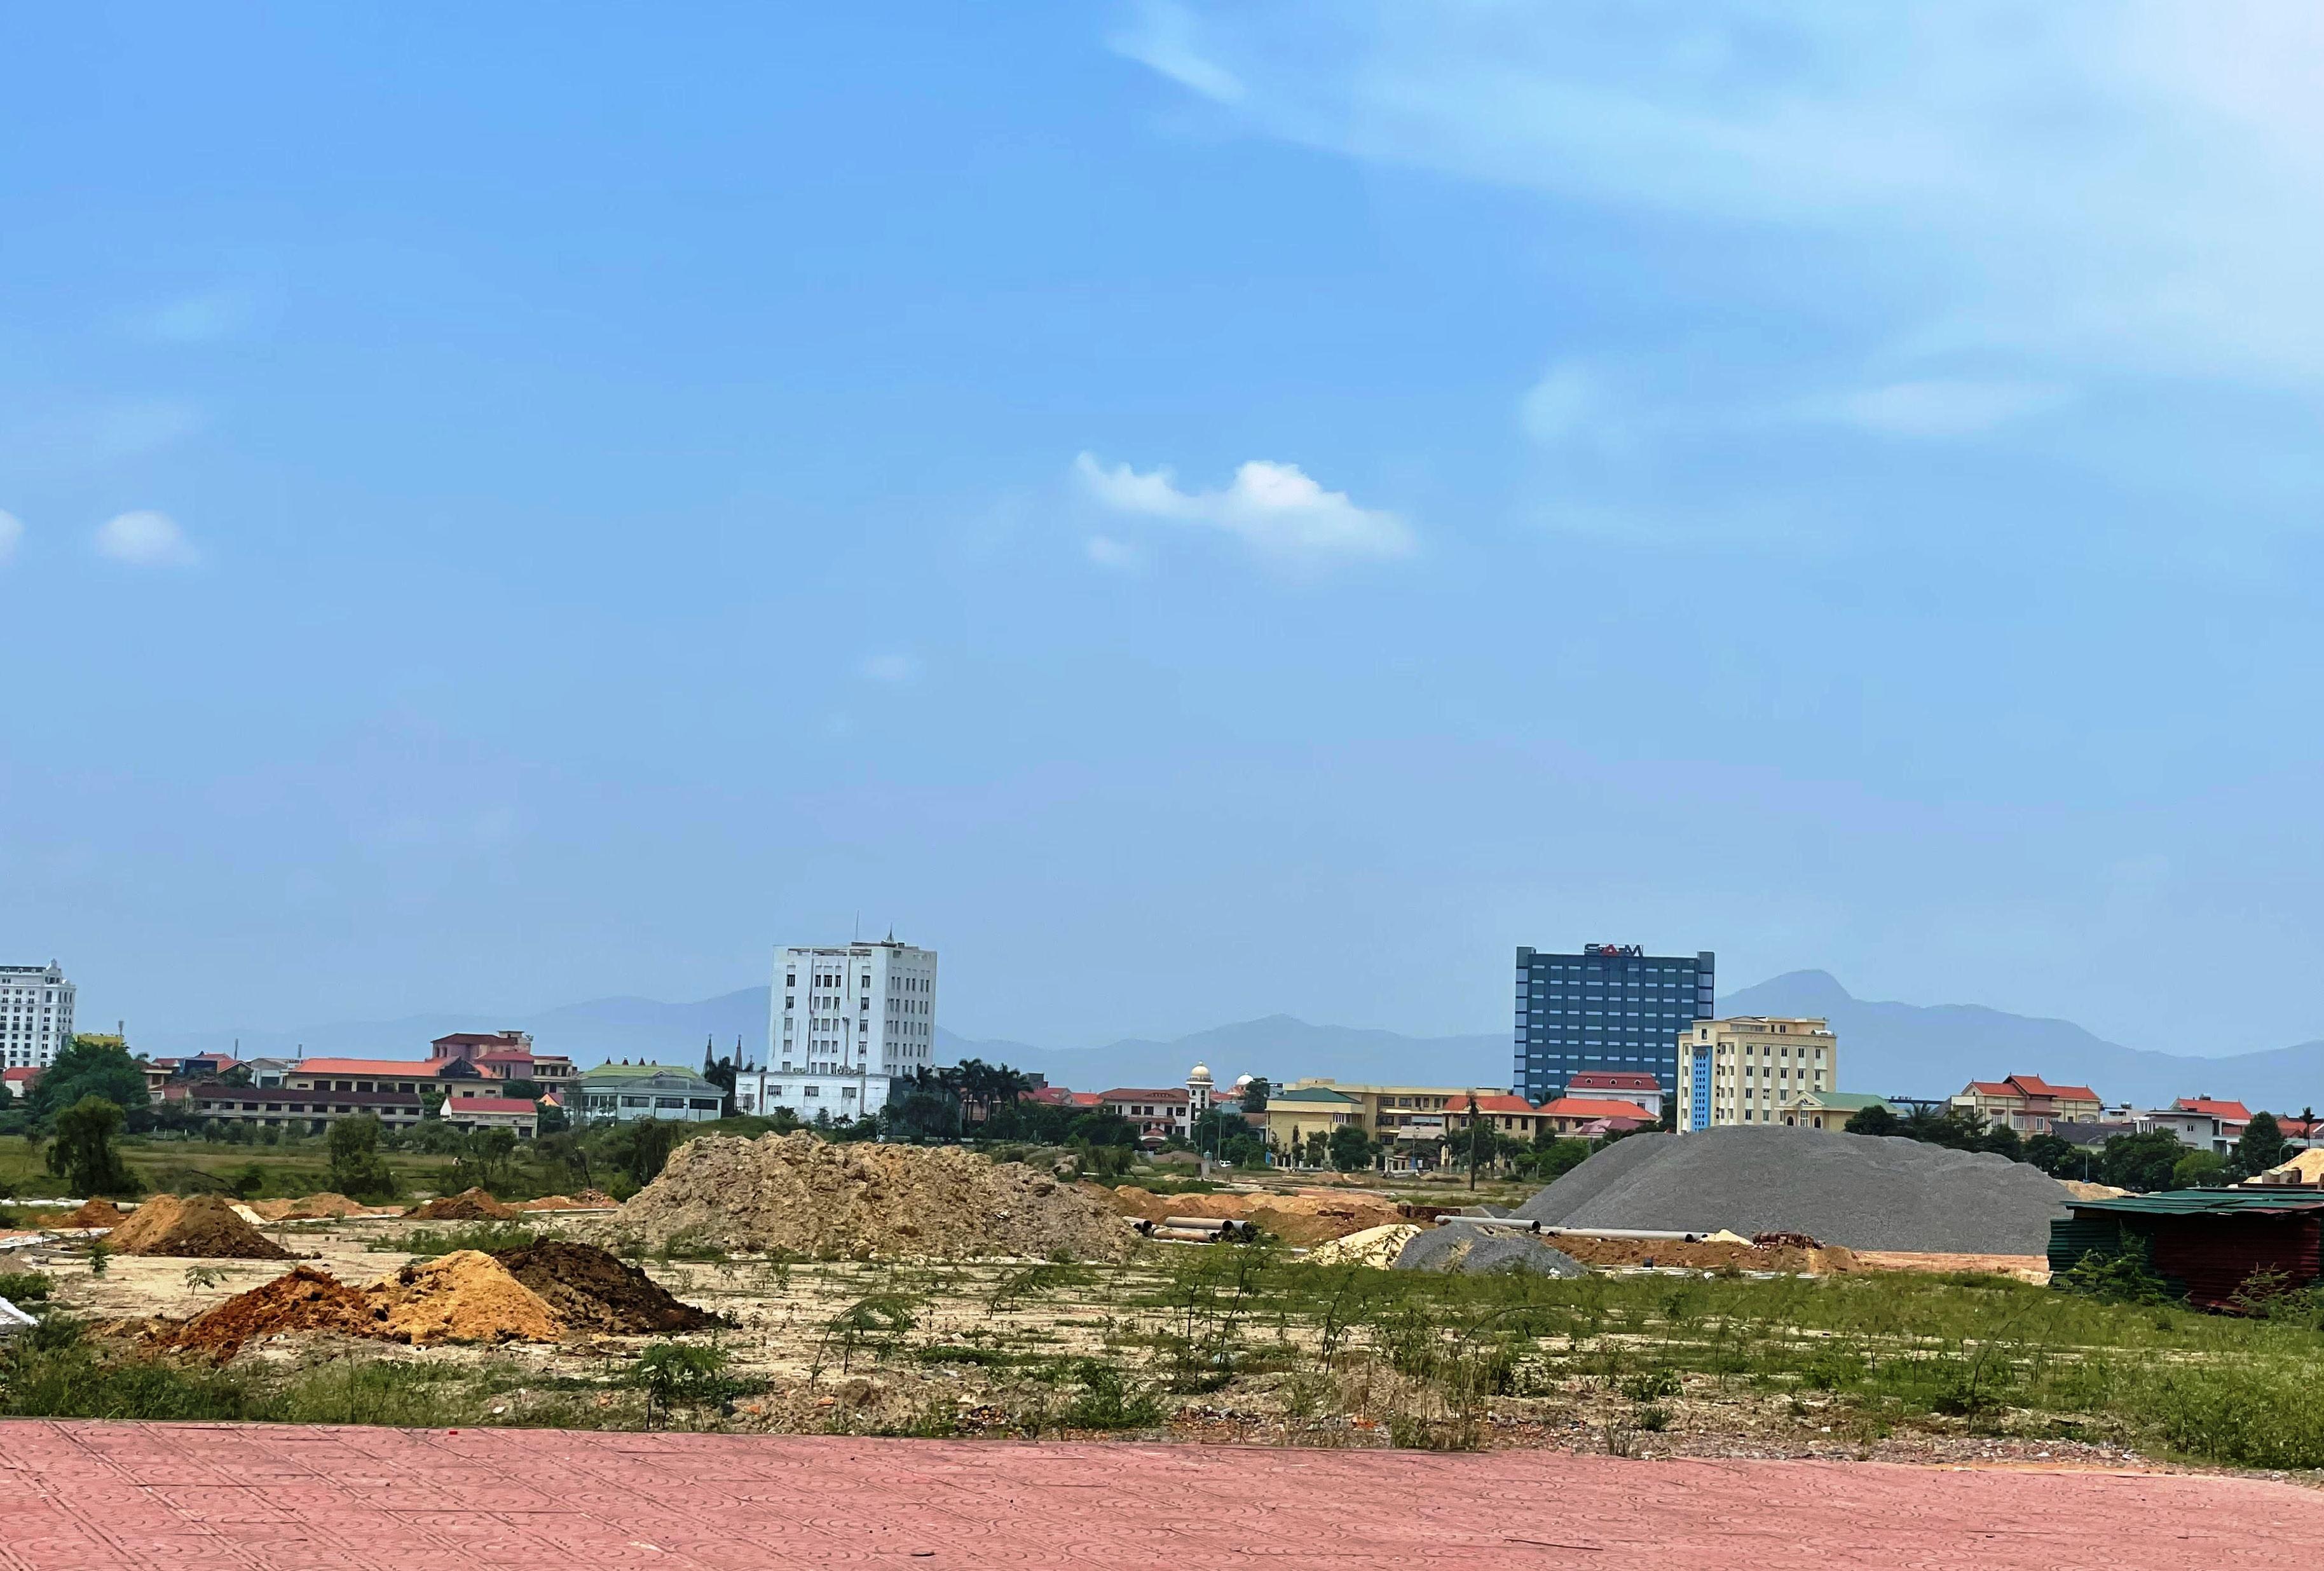 Quyết định về việc phê duyệt điều chỉnh, bổ sung dự án vào Kế hoạch sử dụng đất năm 2021 các huyện, thị xã, thành phố